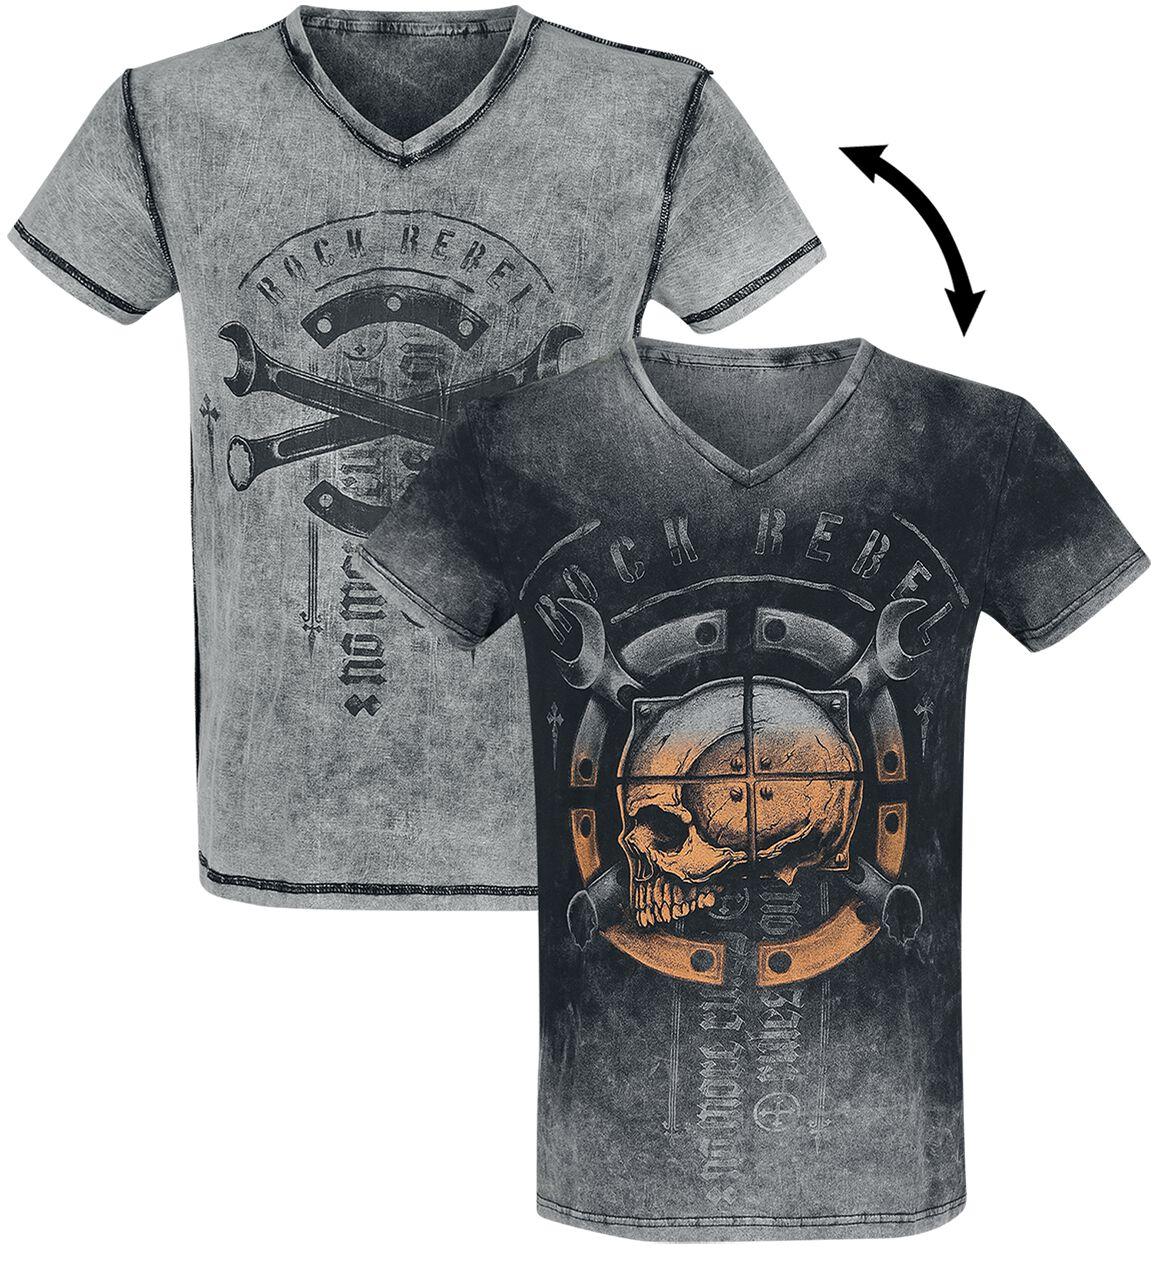 Rock Rebel by EMP Heavy Soul T-Shirt grey black